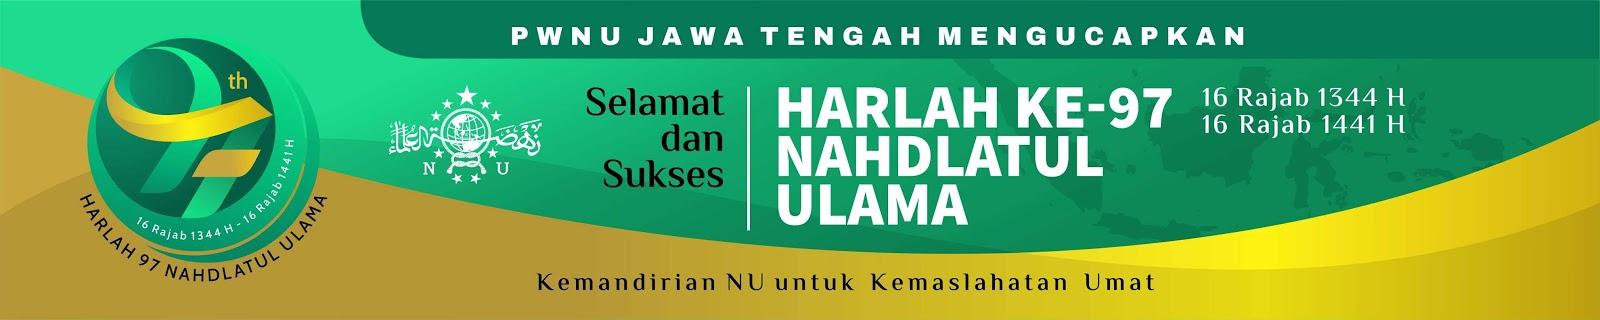 Spanduk Peringatan Harlah ke-97 Nahdlatul Ulama - Download ...